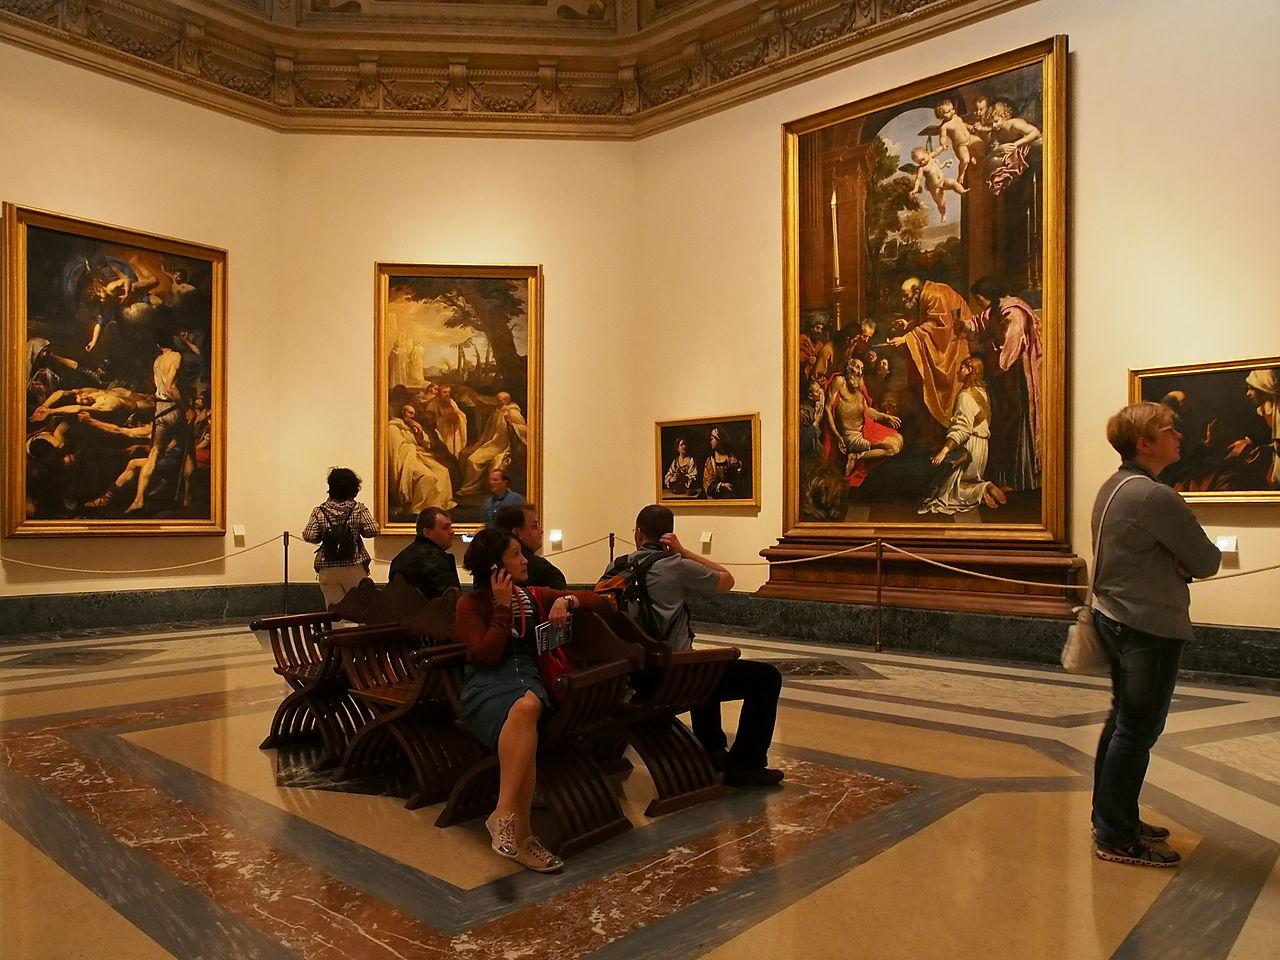 พิพิธภัณฑ์นครวาติกัน-ห้องภาพเขียน